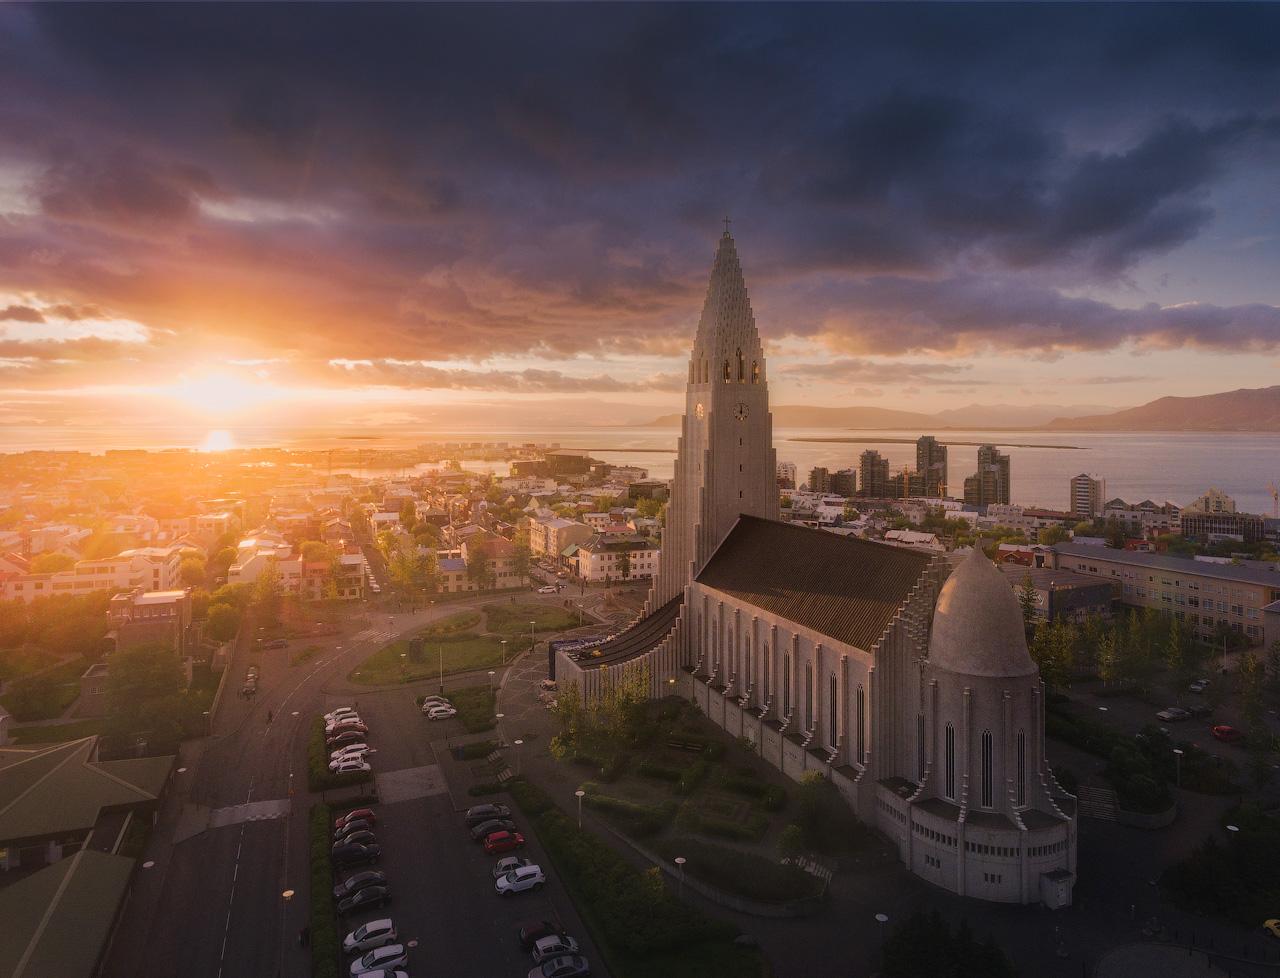 Hallgrimskirkja ist eine lutherische Kirche in Islands Hauptstadt.